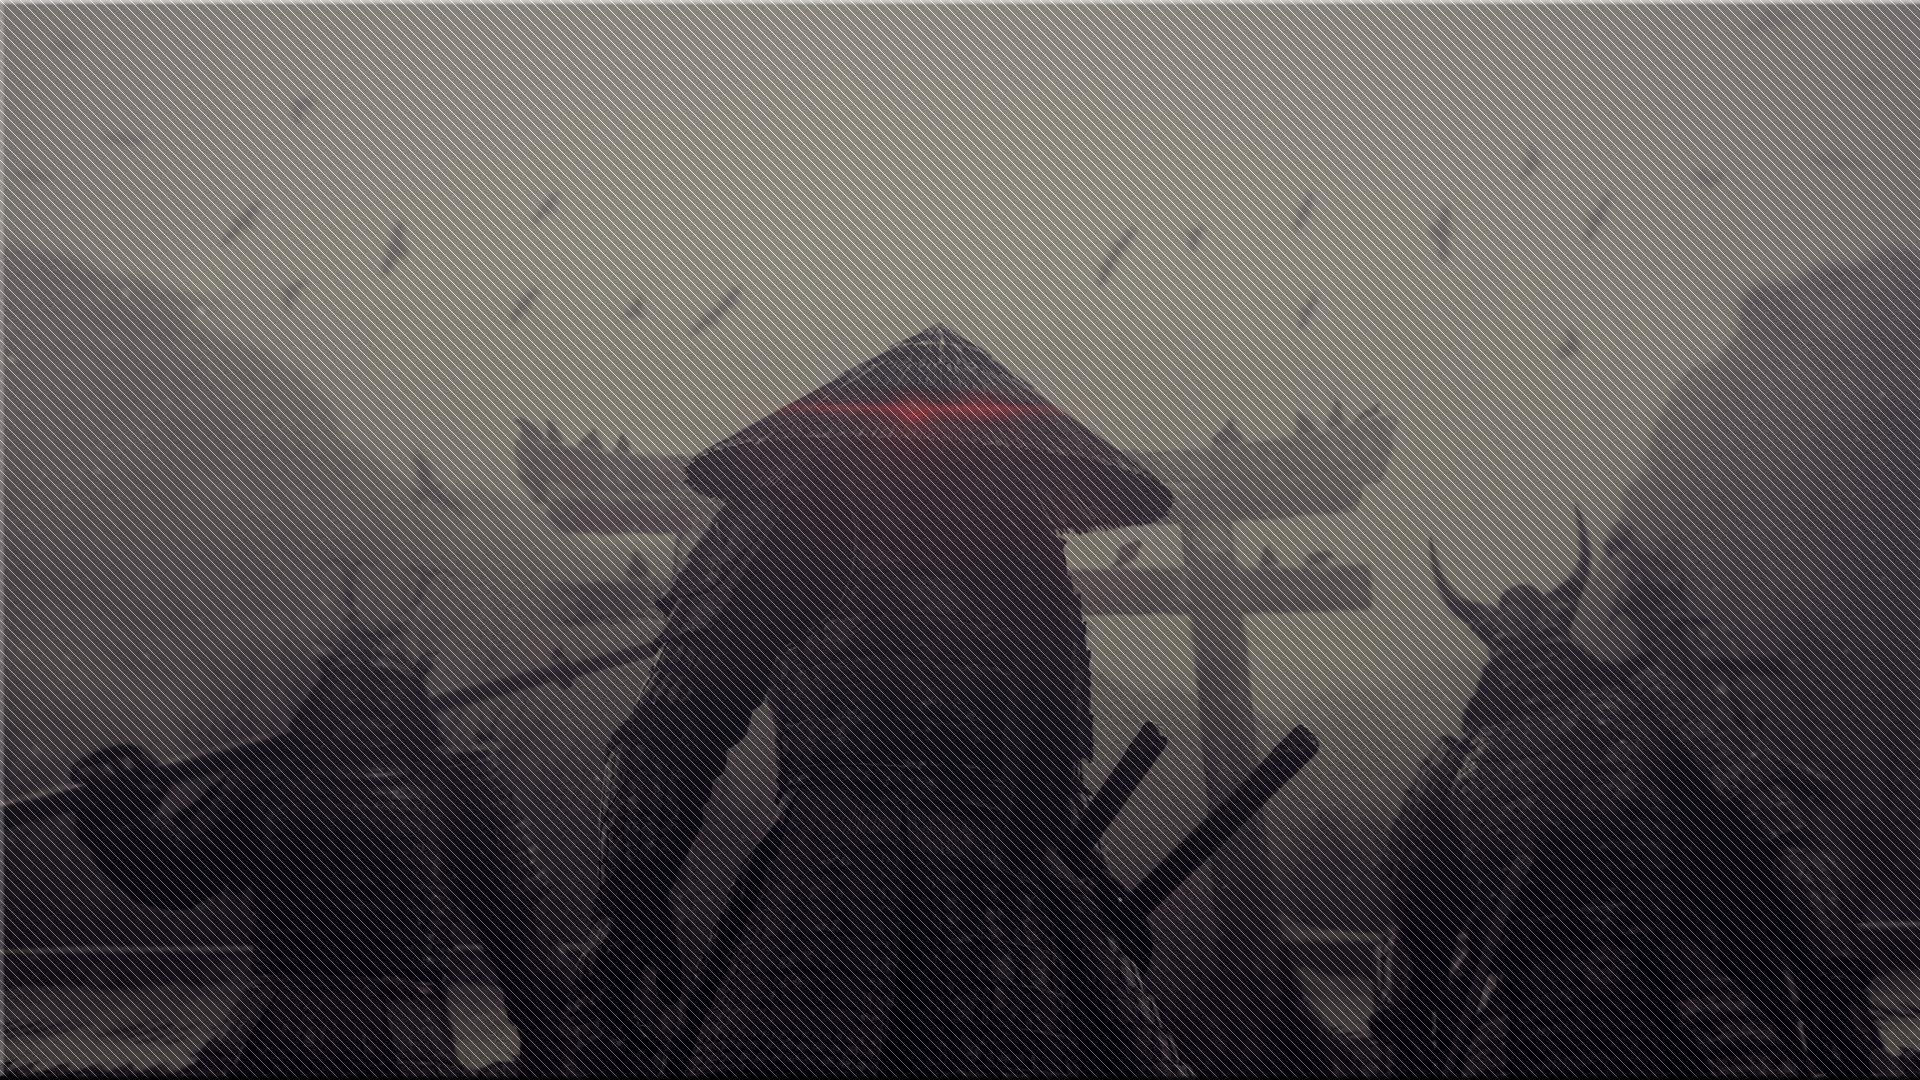 SuckerPunch Samurai